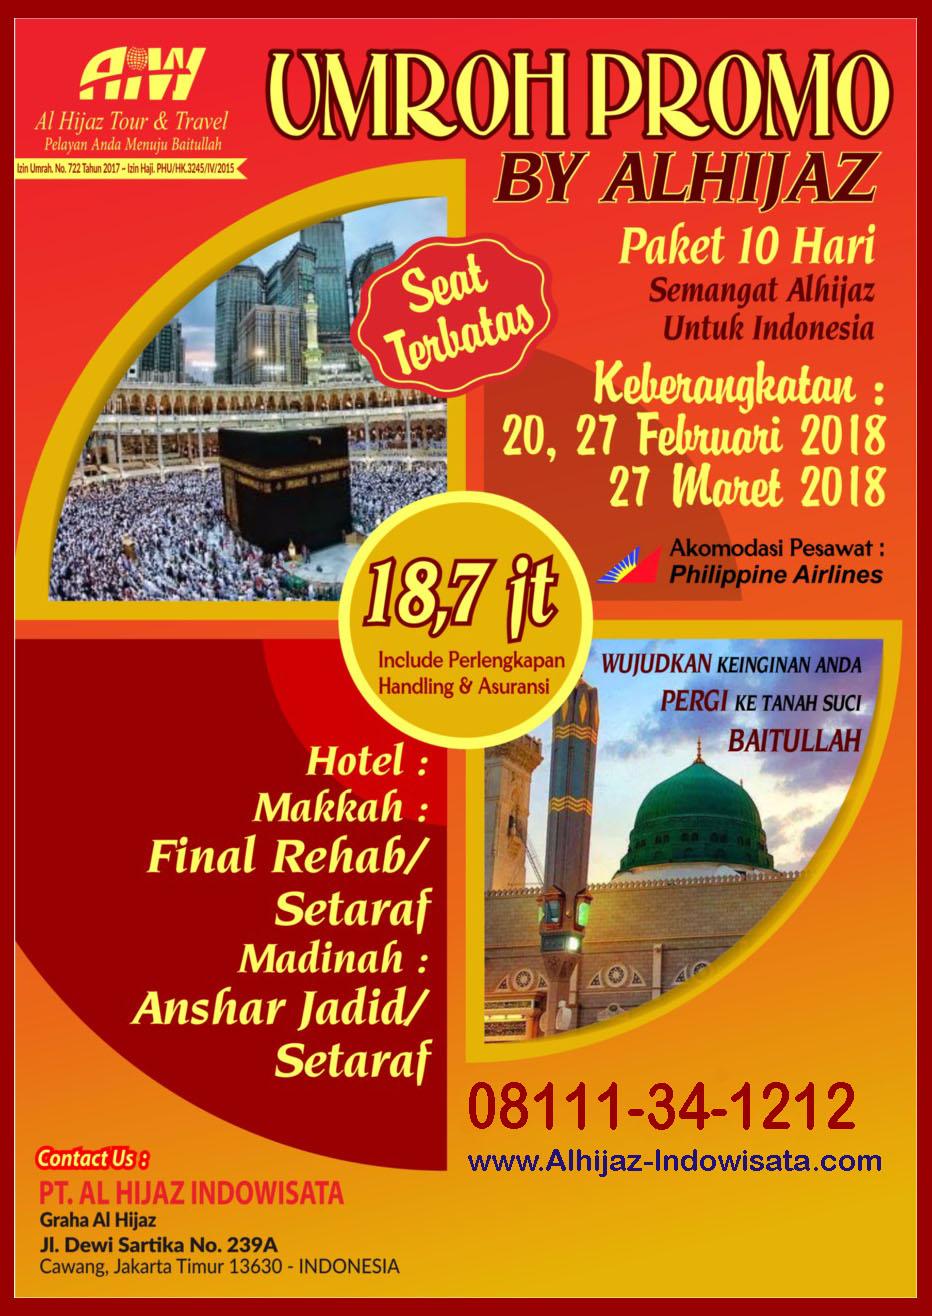 Promo Umroh Murah CP.08111-34-1212